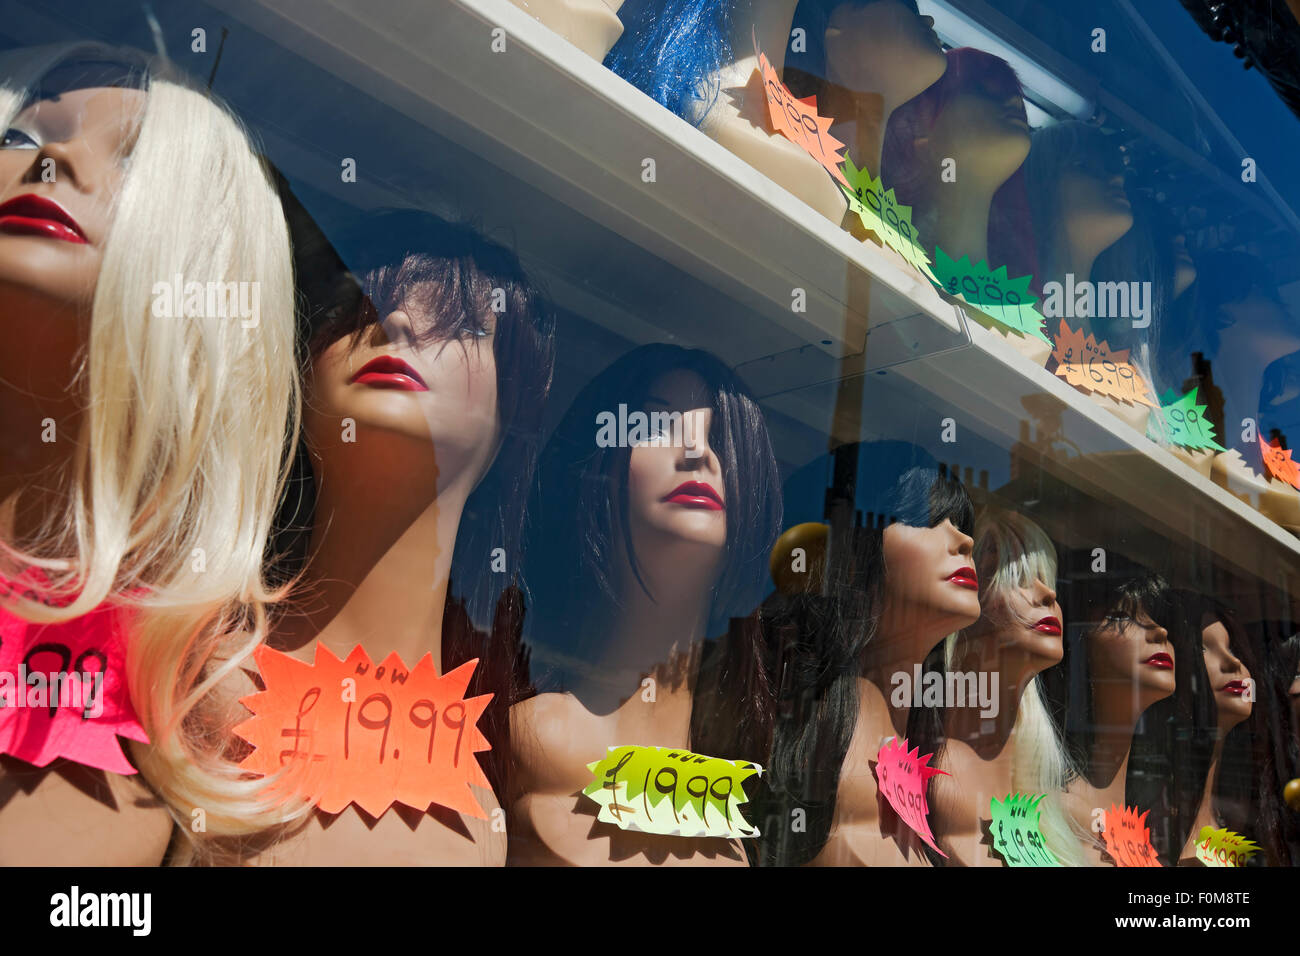 Perruques sur l'affichage en vitrine Photo Stock